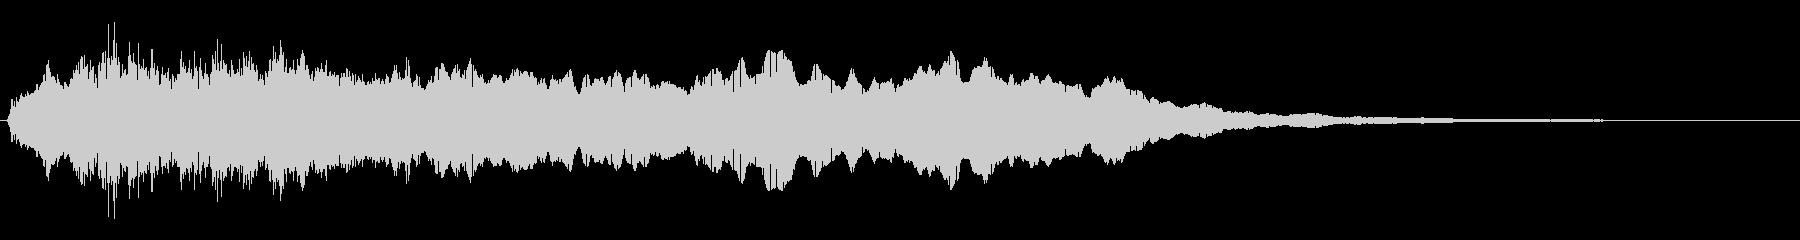 トッカータ風ジングル 02の未再生の波形